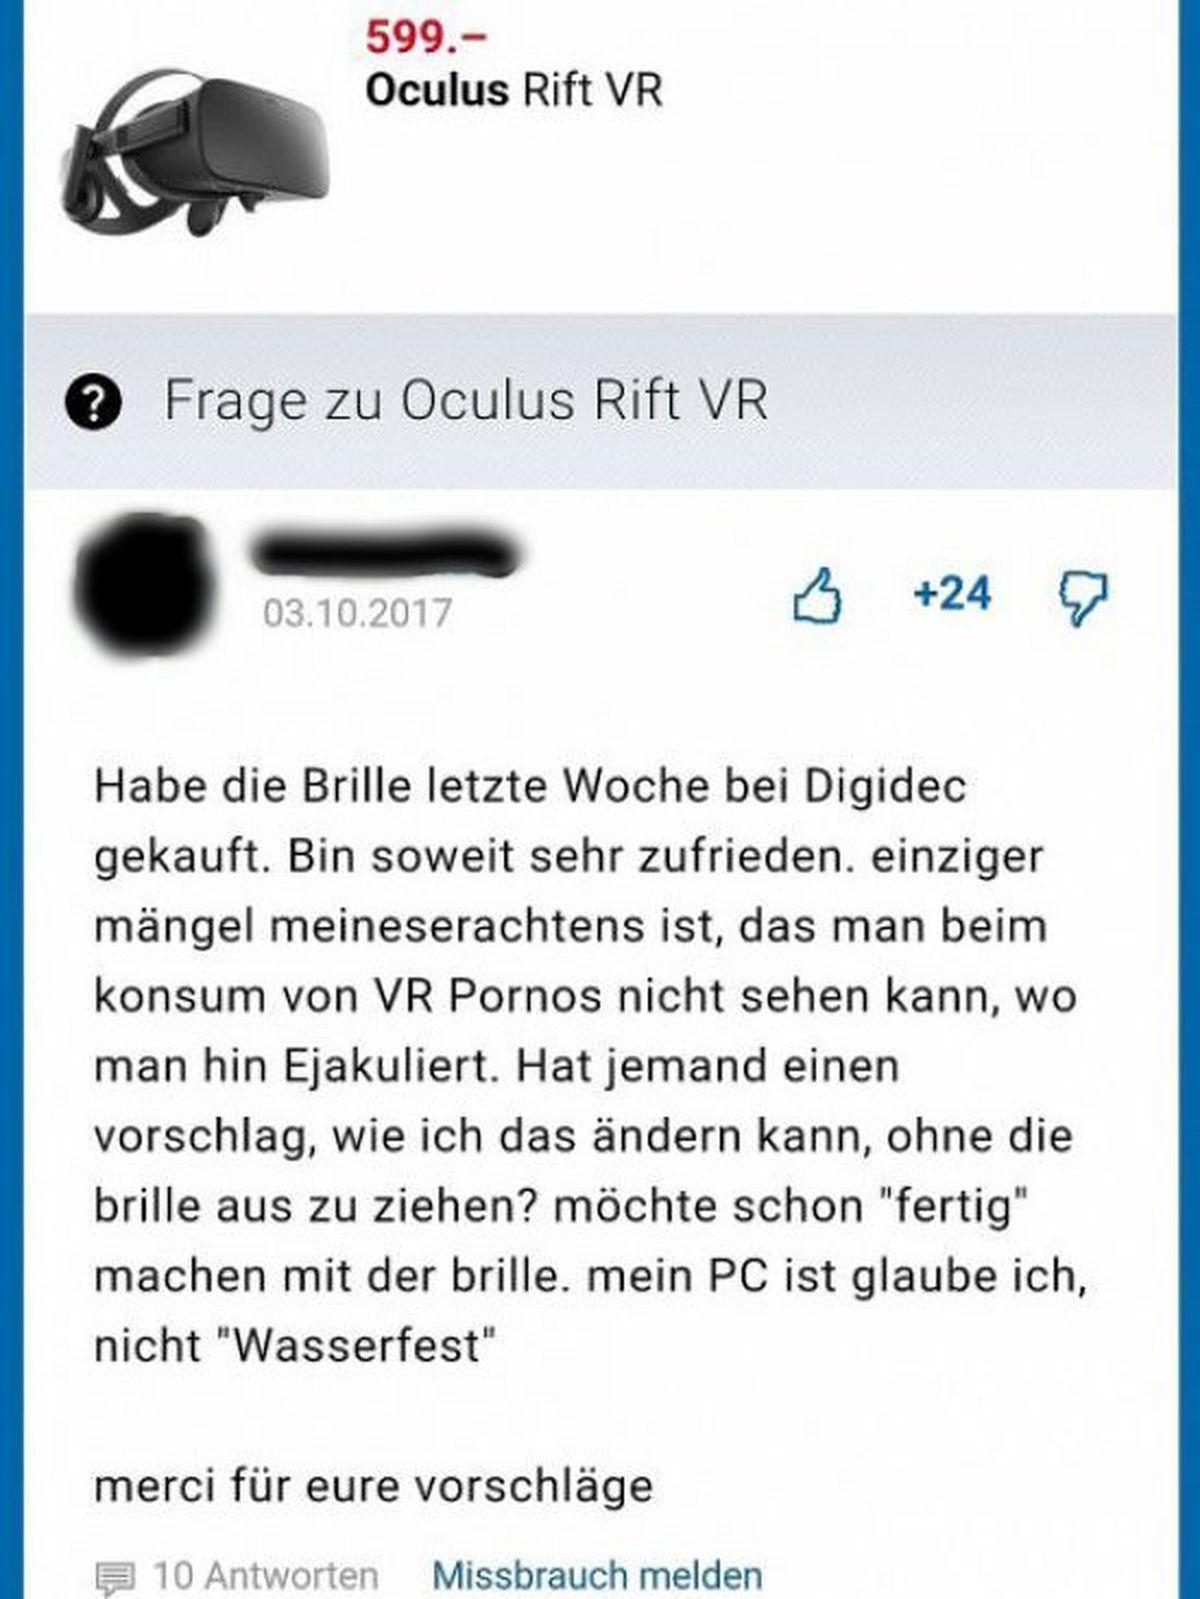 Das größte Problem bei VR-Pornos | Lustiges | Was is hier eigentlich los?